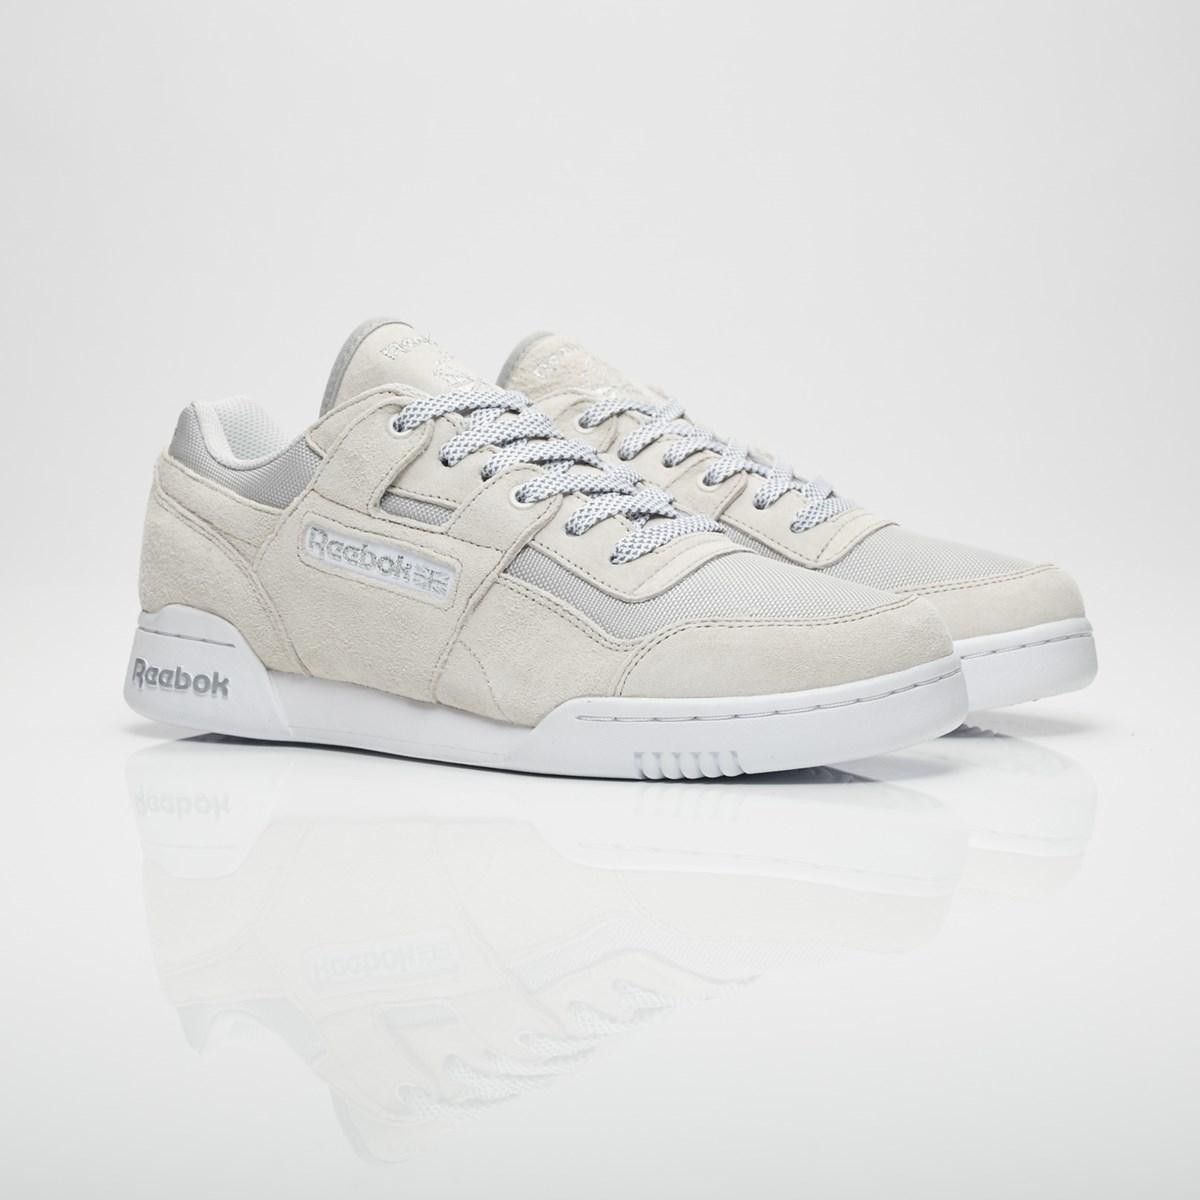 reebok workout plus x journal standard cm8688 sneakers   streetwear på  nätet sen 1... SNEAKERSNSTUFF ad2a2a16d